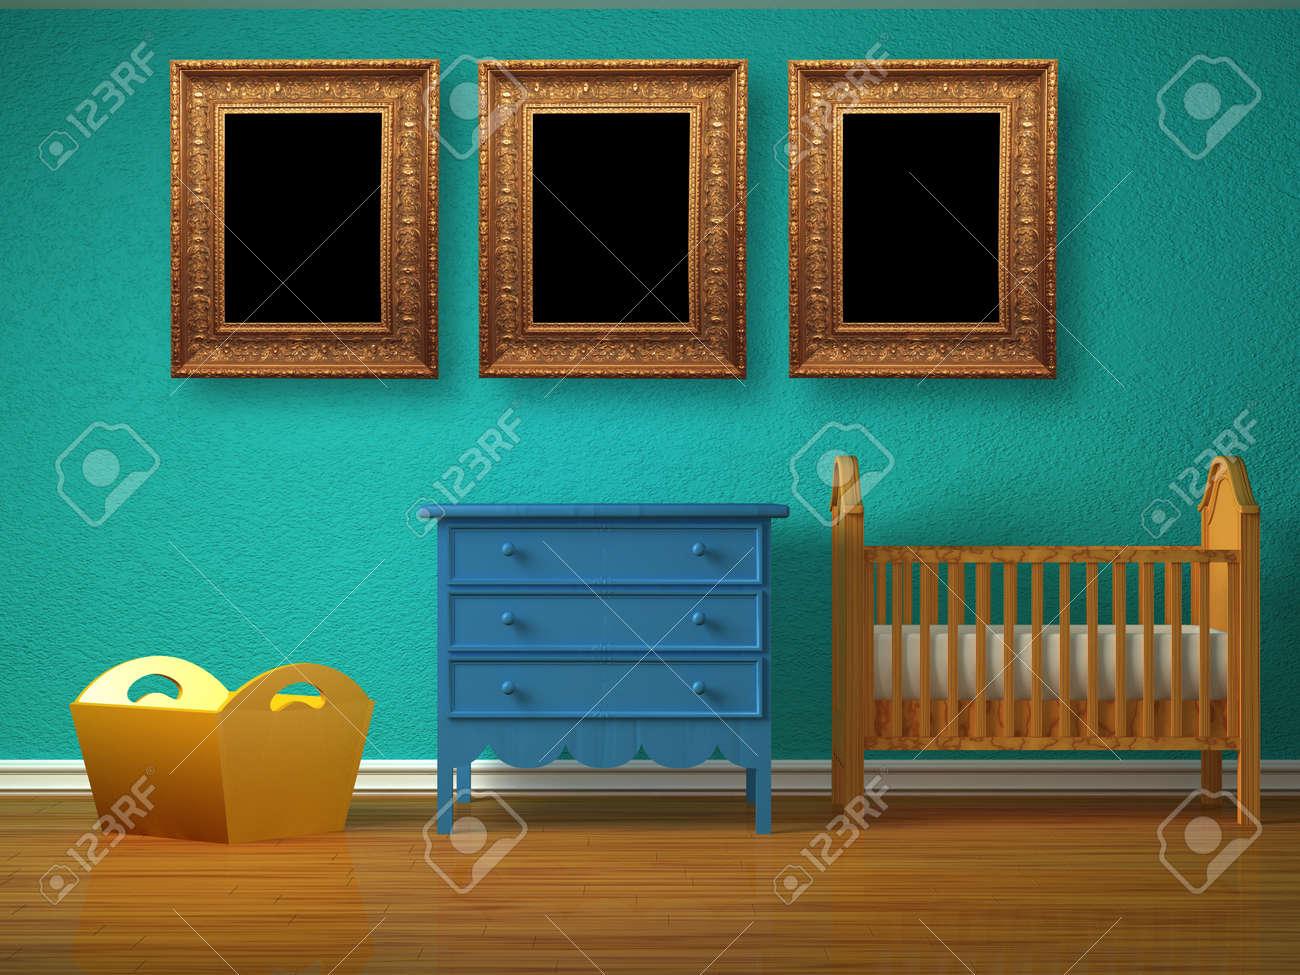 Camere Da Letto Bambino : Camera da letto bambino con un presepe. foto royalty free immagini